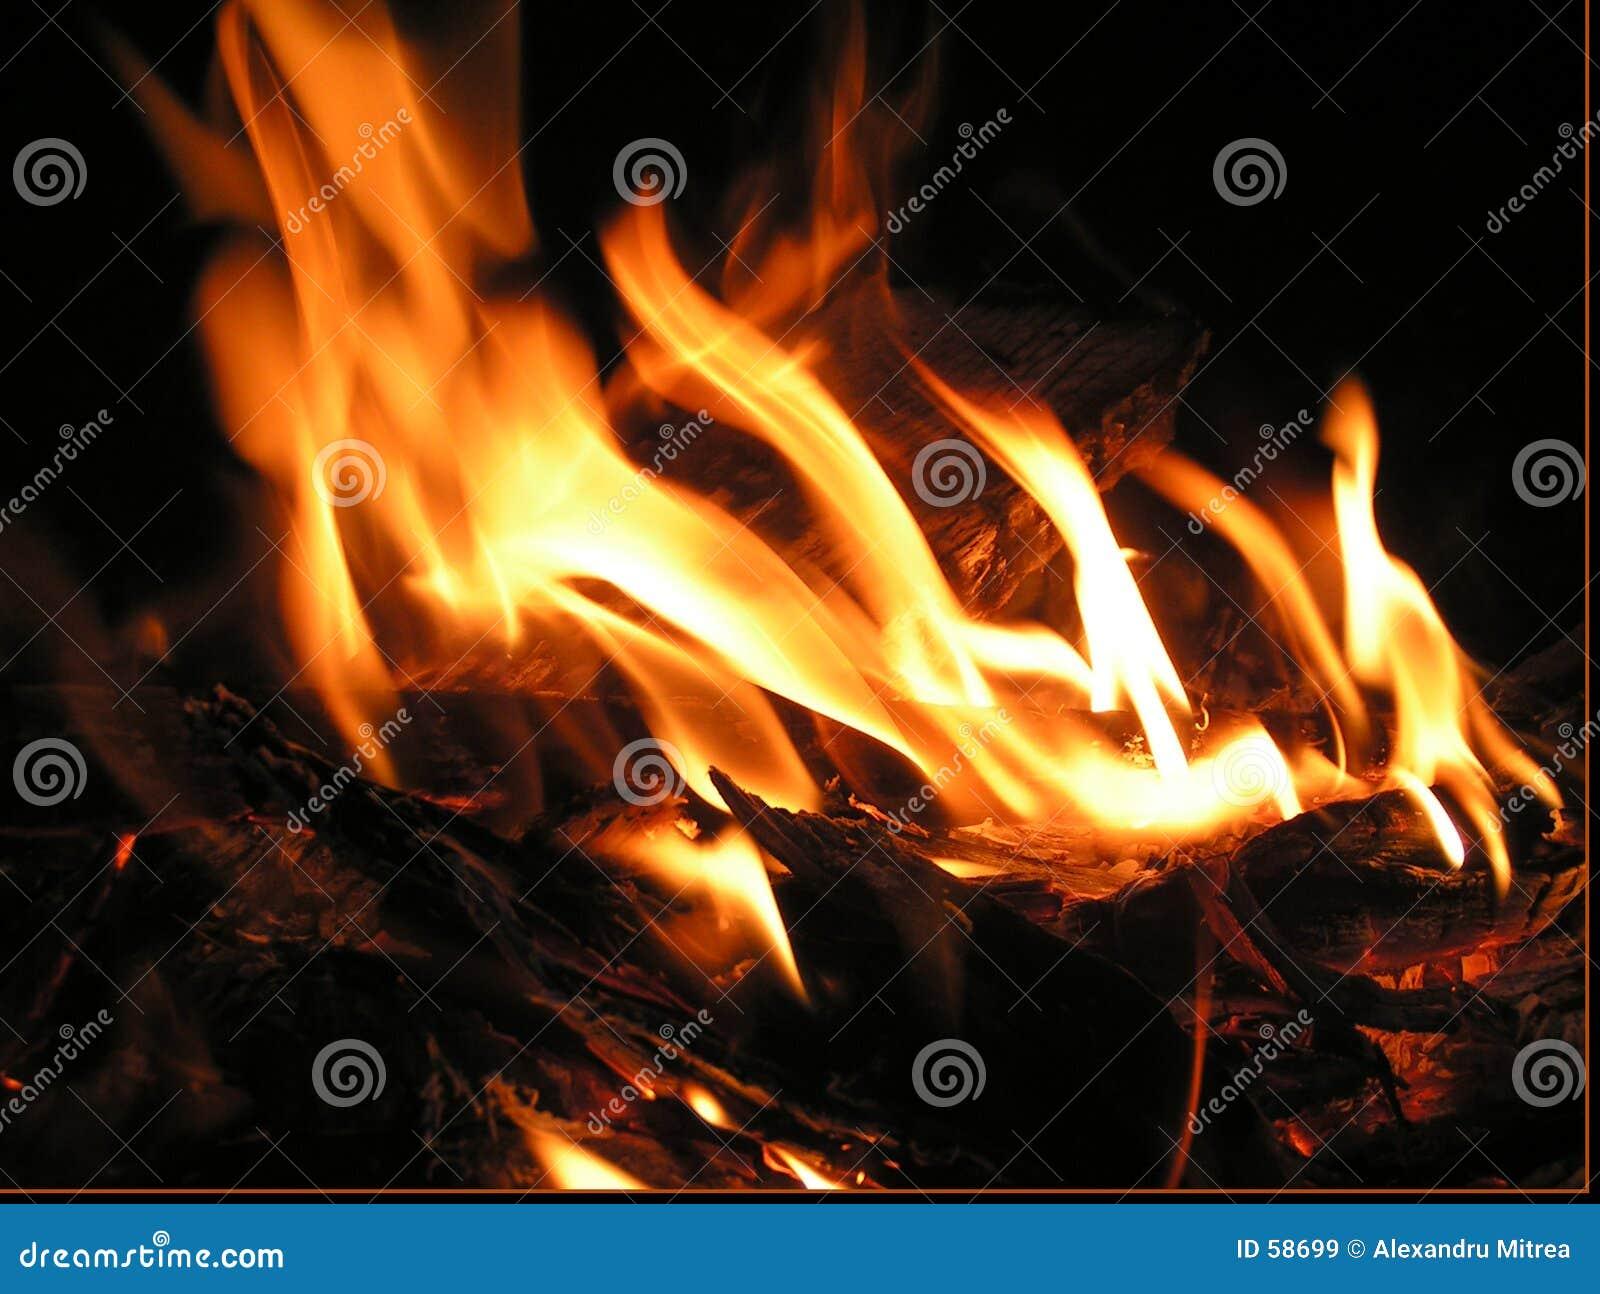 Download Incendie la nuit image stock. Image du ondes, foncé, chaud - 58699